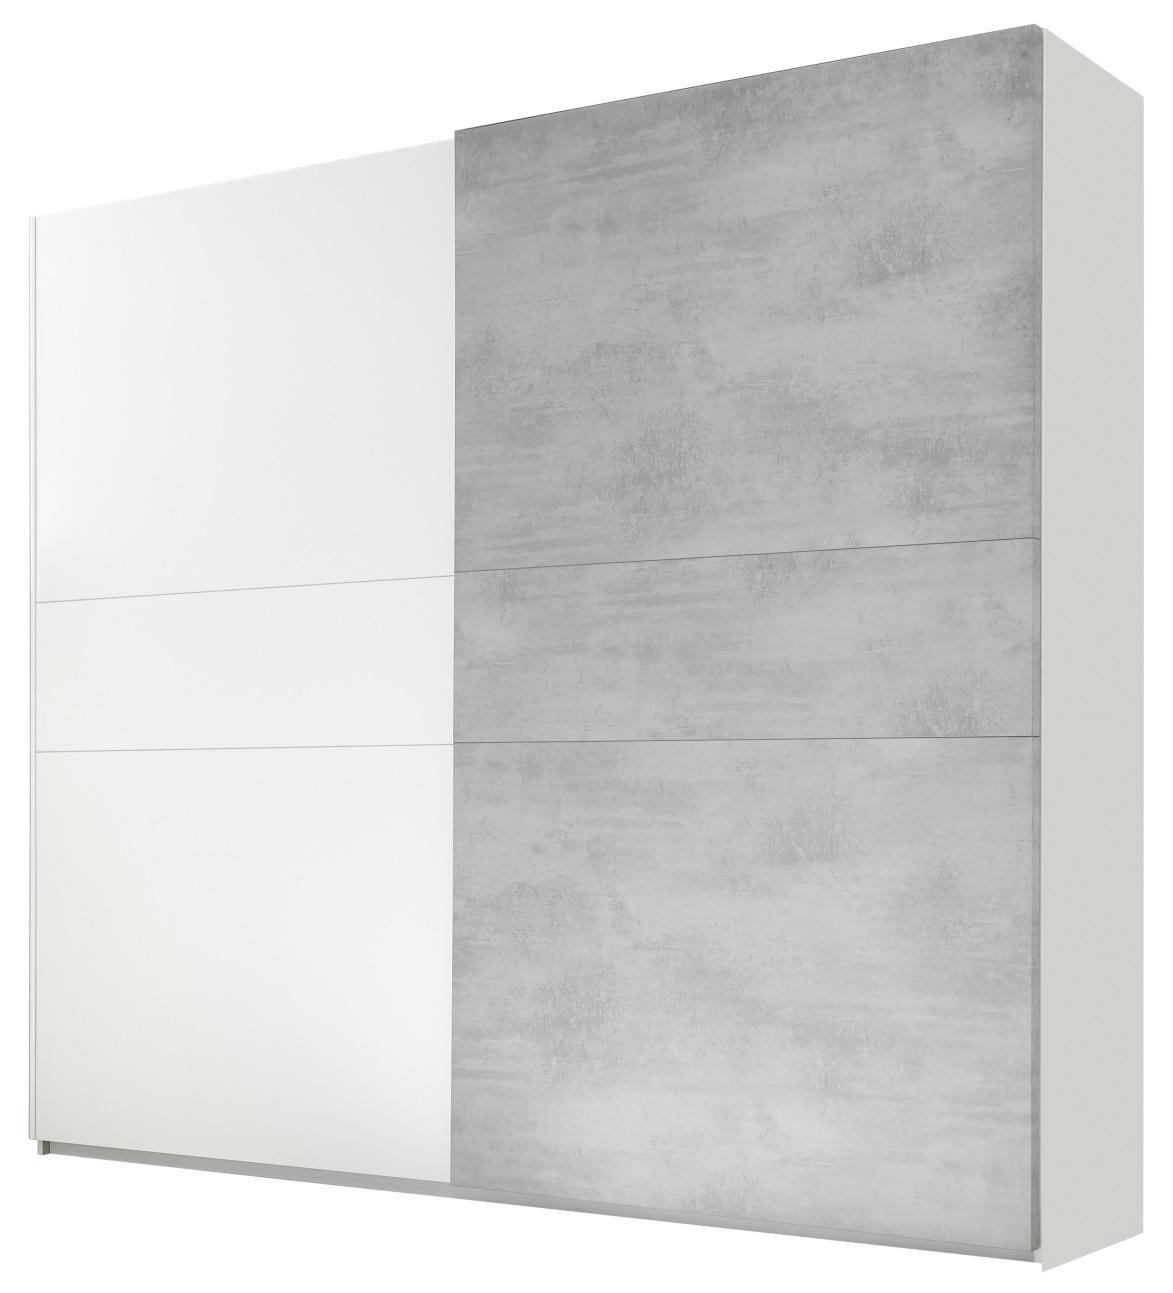 Schuifdeurkast Amalti 220 cm breed in mat wit met grijs beton